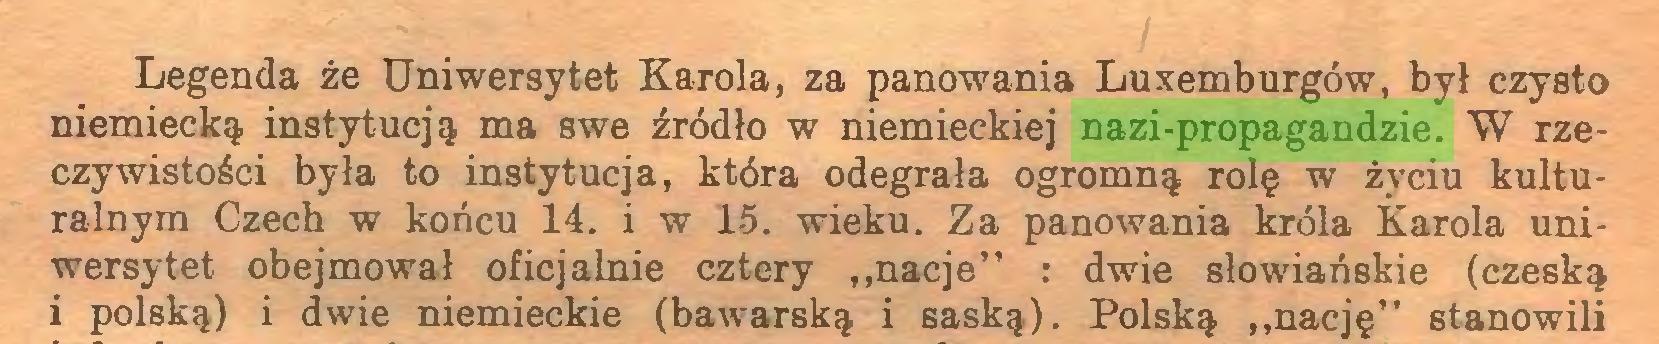 """(...) Legenda że Uniwersytet Karola, za panowania Luxemburgów, był czysto niemiecką, instytucją ma swe źródło w niemieckiej nazi-propagandzie. W rzeczywistości była to instytucja, która odegrała ogromną rolę w życiu kulturalnym Czech w końcu 14. i w 15. wieku. Za panowania króla Karola uniwersytet obejmował oficjalnie cztery """"nacje"""" : dwie słowiańskie (czeską i polską) i dwie niemieckie (bawarską i saską). Polską """"nację"""" stanowili..."""